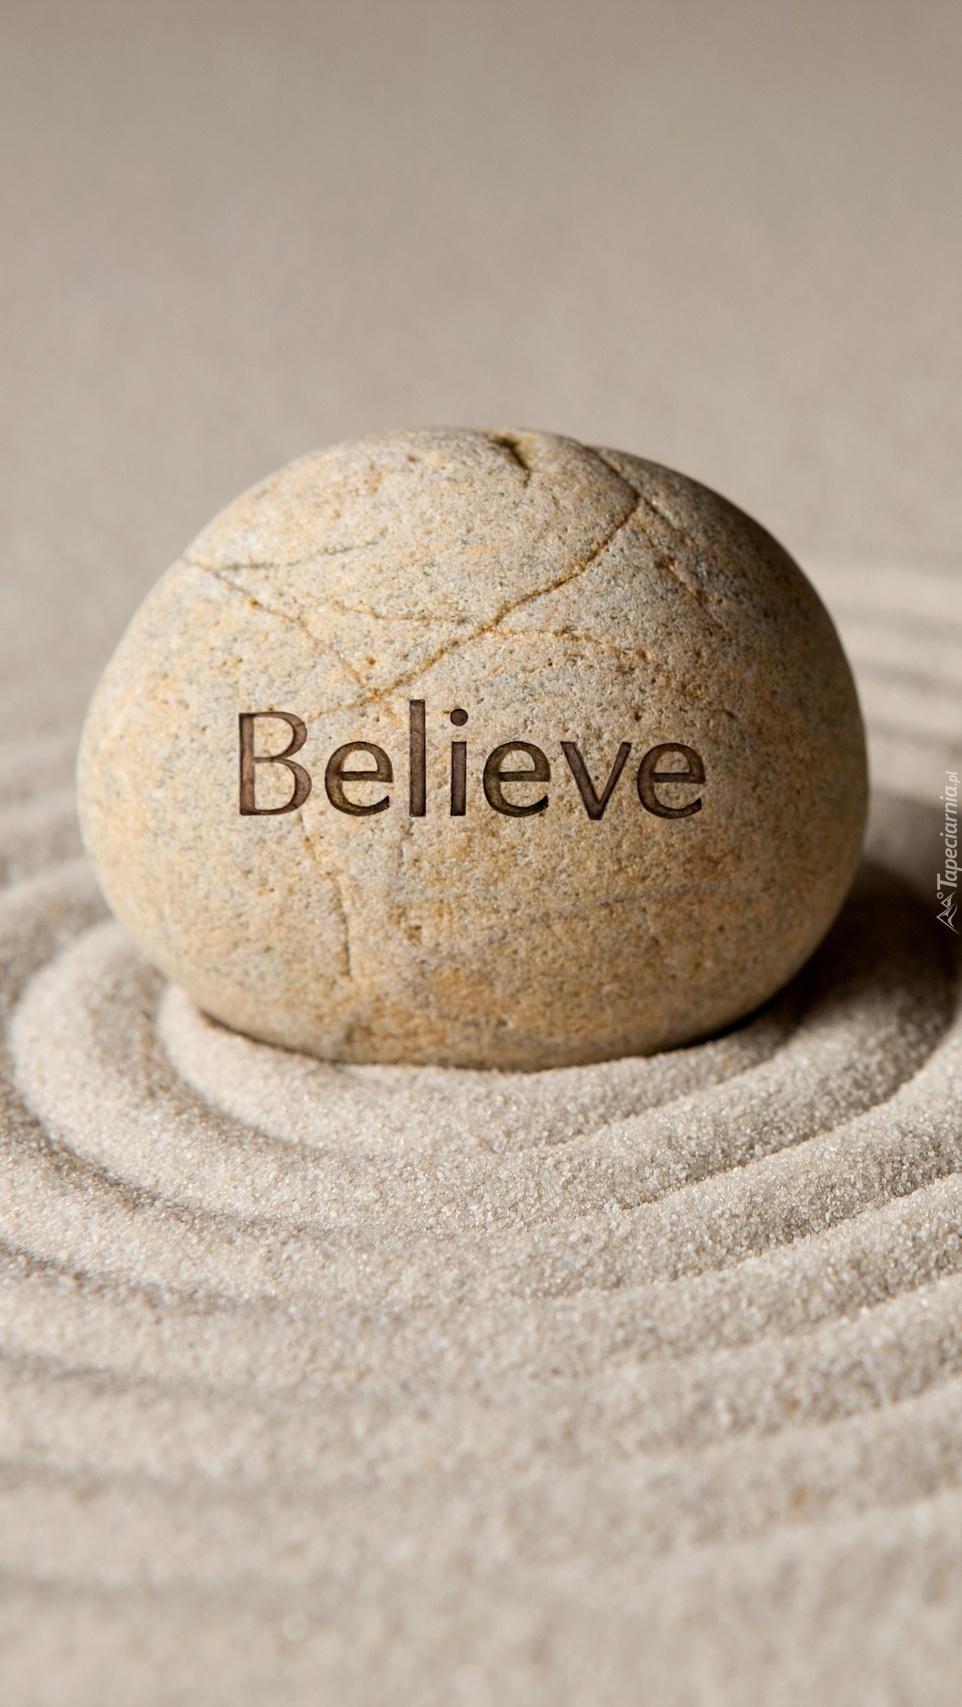 Napis Believe na kamieniu